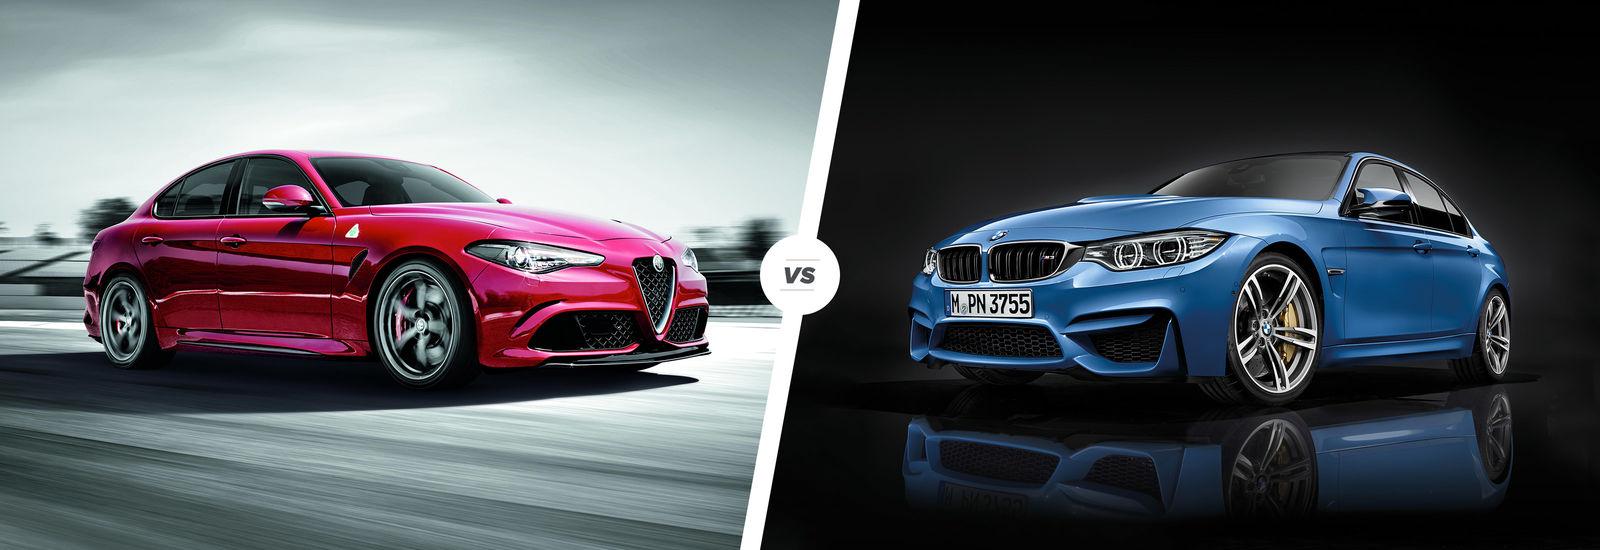 Alfa Romeo Giulia Quadrifoglio più veloce della BMW M3 CS al Nurburgring